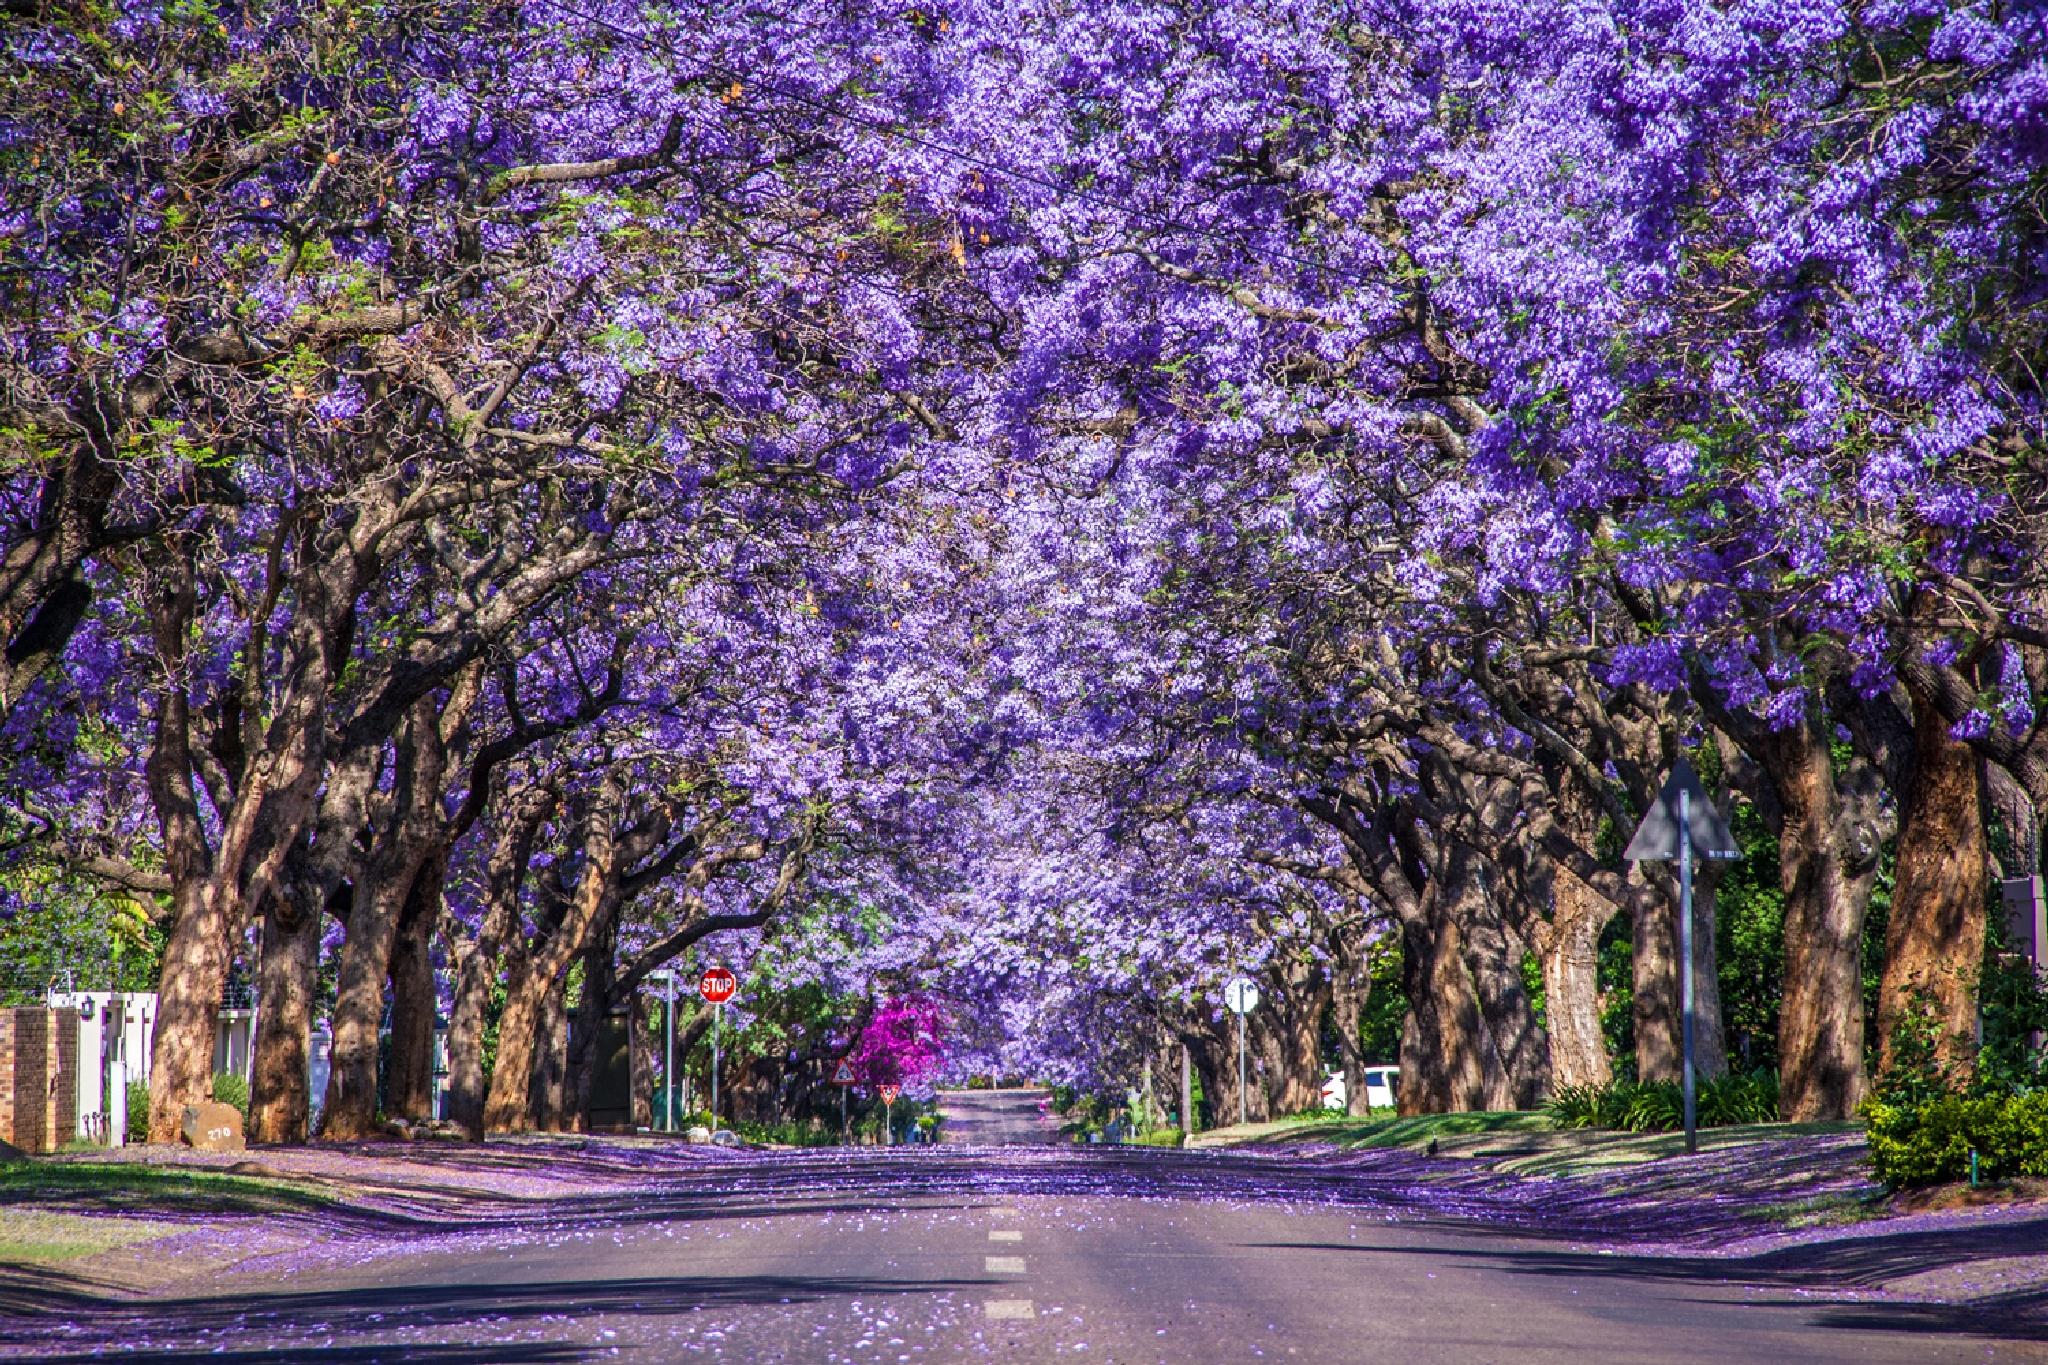 Jacaranda lined street by Vanessa Bentley